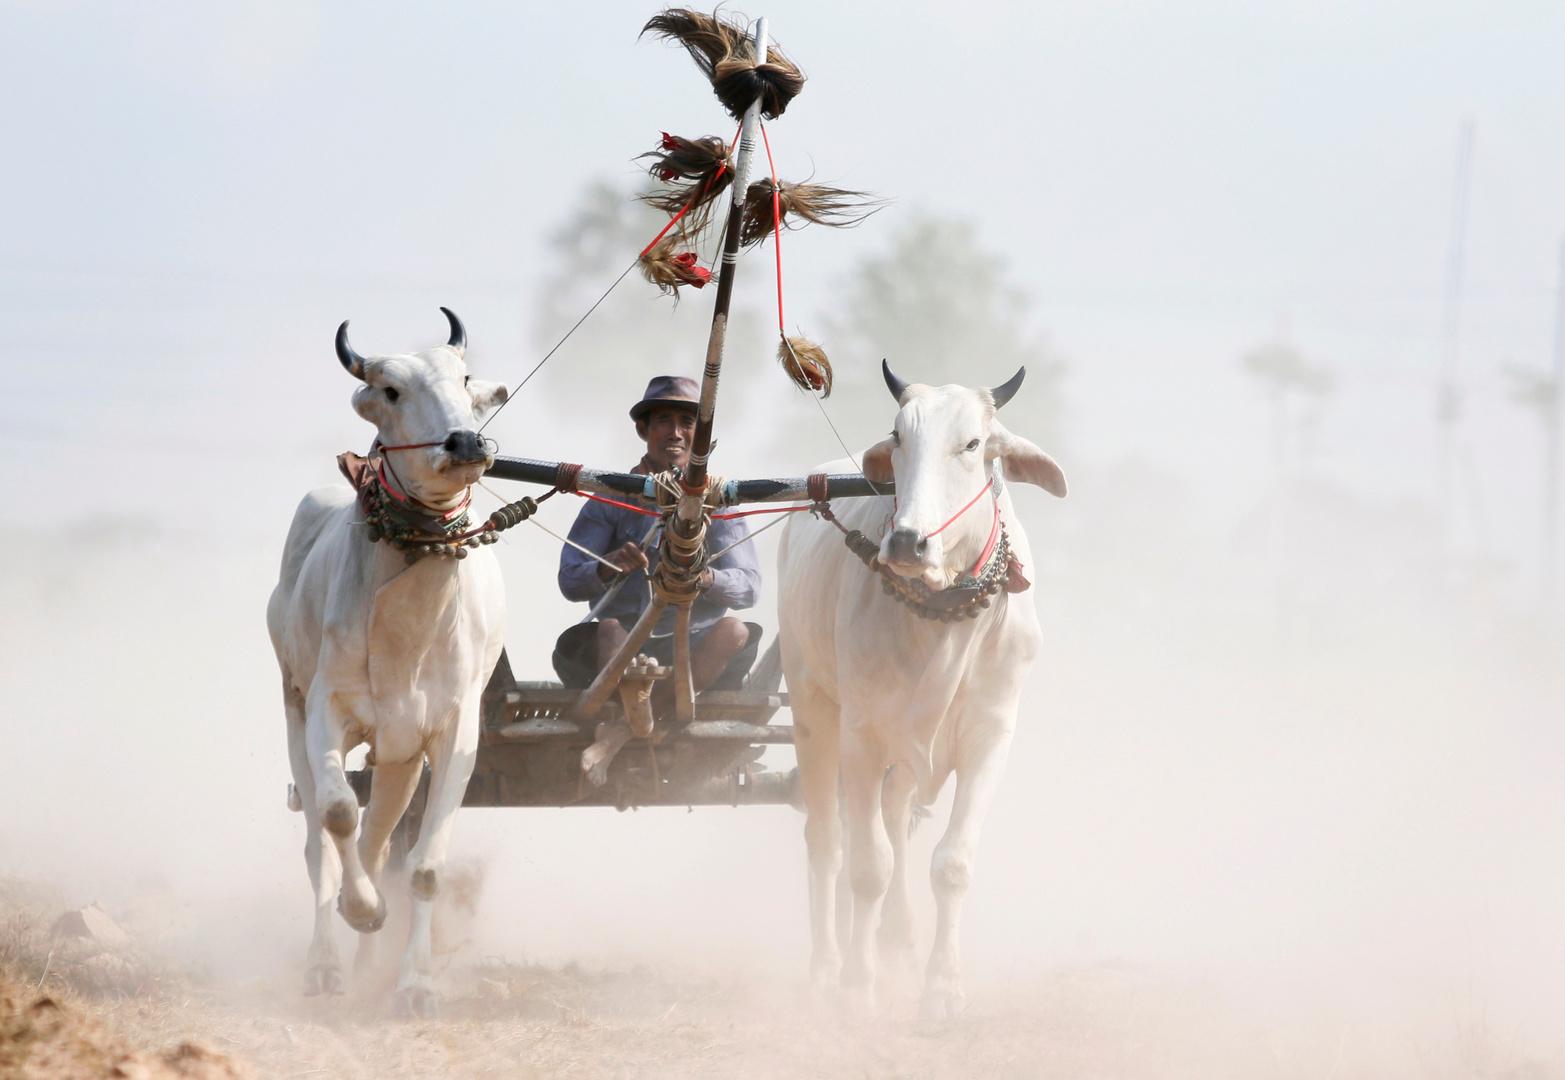 تدخل عاجل لإنقاذ مكسيكي تناول منشطات جنسية للثيران